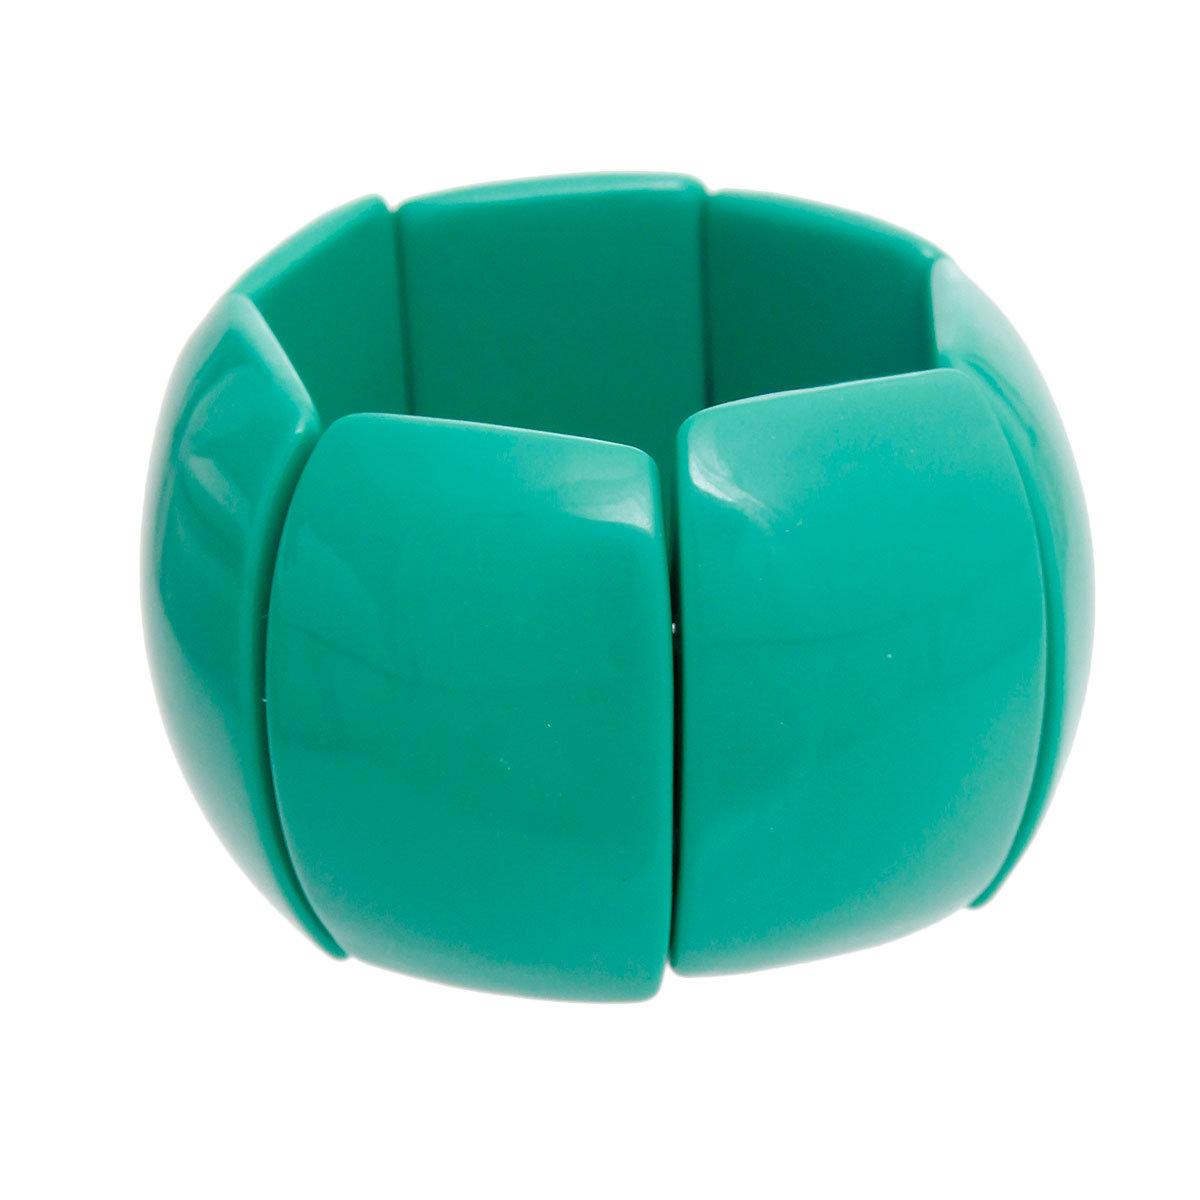 Single Blue Jay Stretch Bracelet with Kelly Green Czech Beads